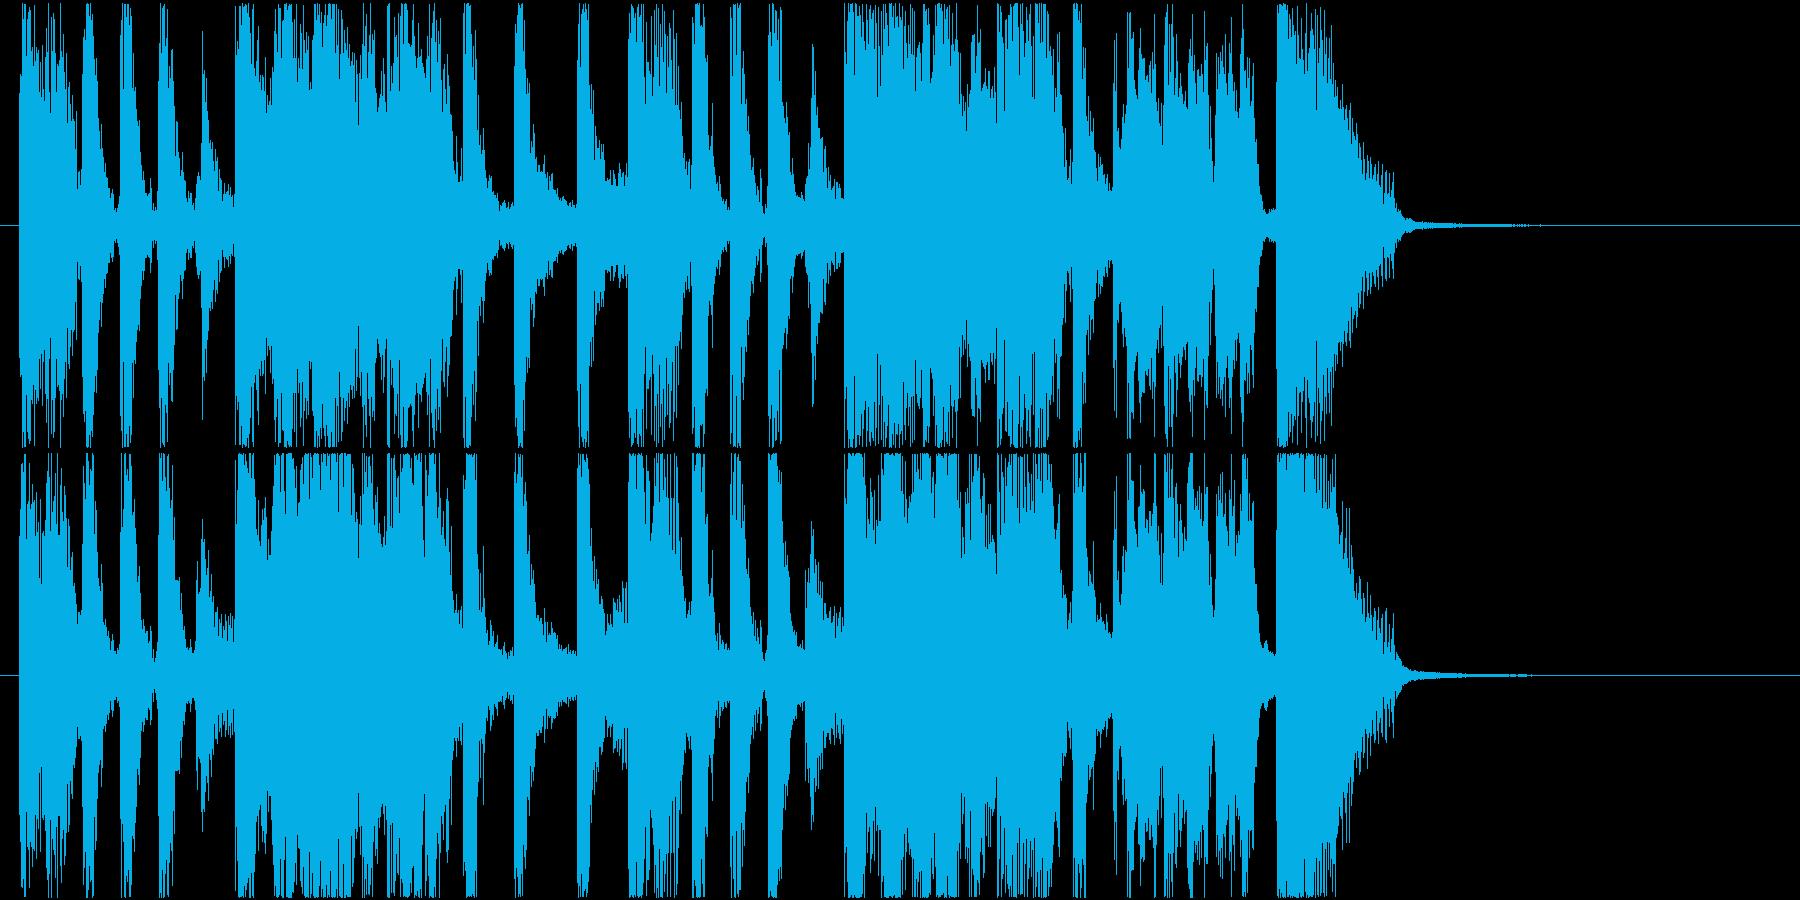 ジングル ジャズの爽やかブラス曲の再生済みの波形